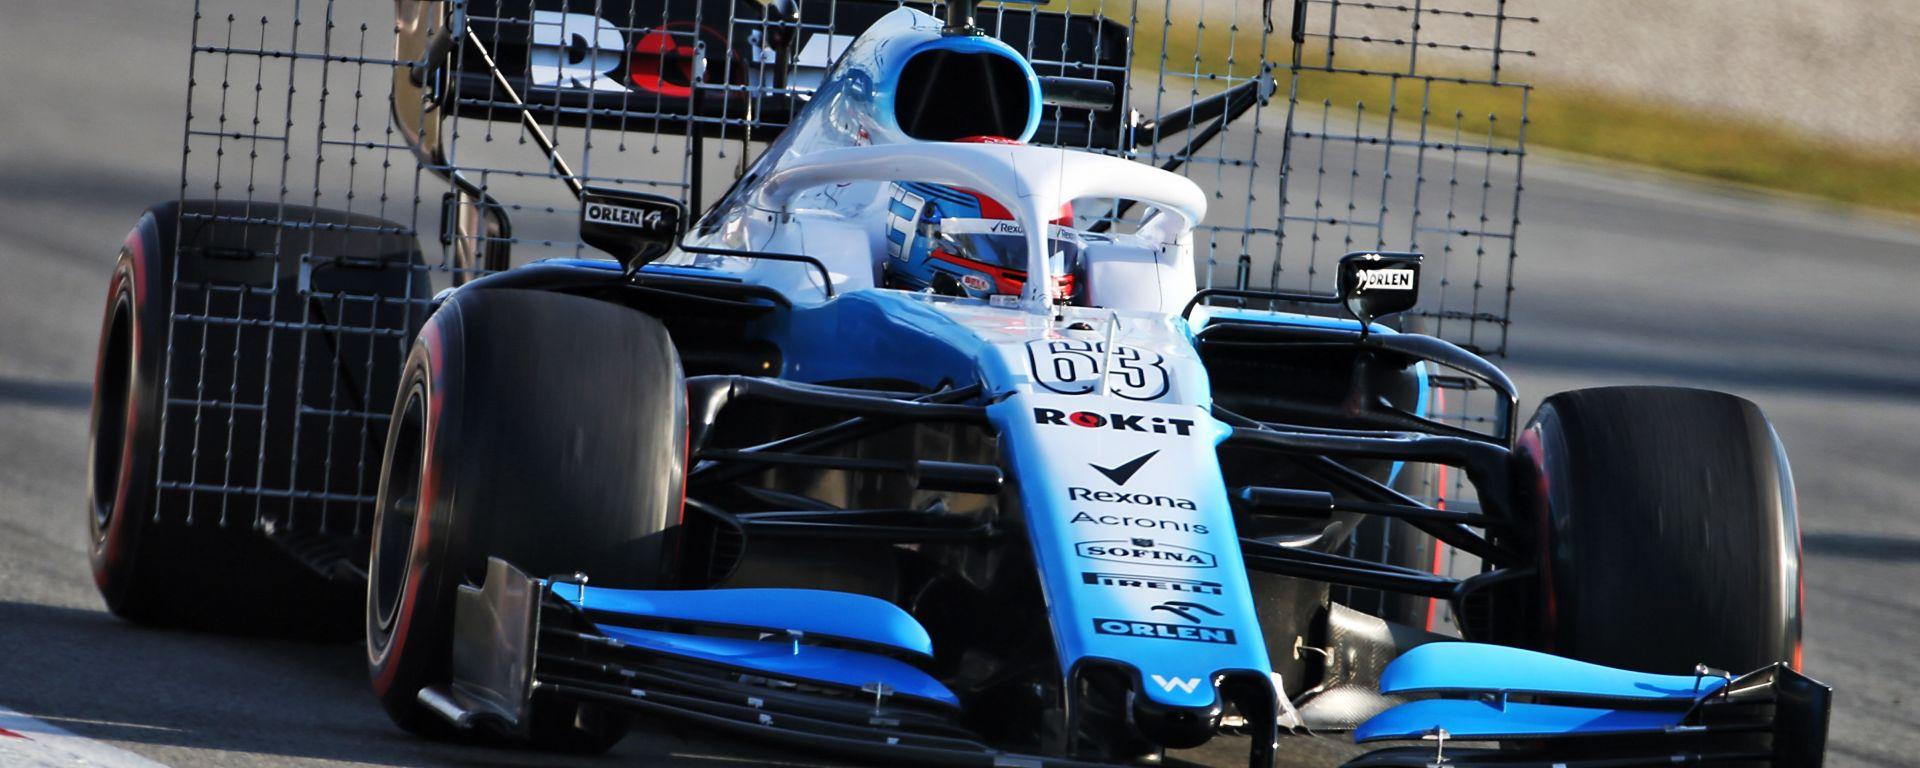 F1 2019: George Russell (Williams) impegnato nei test di Barcellona